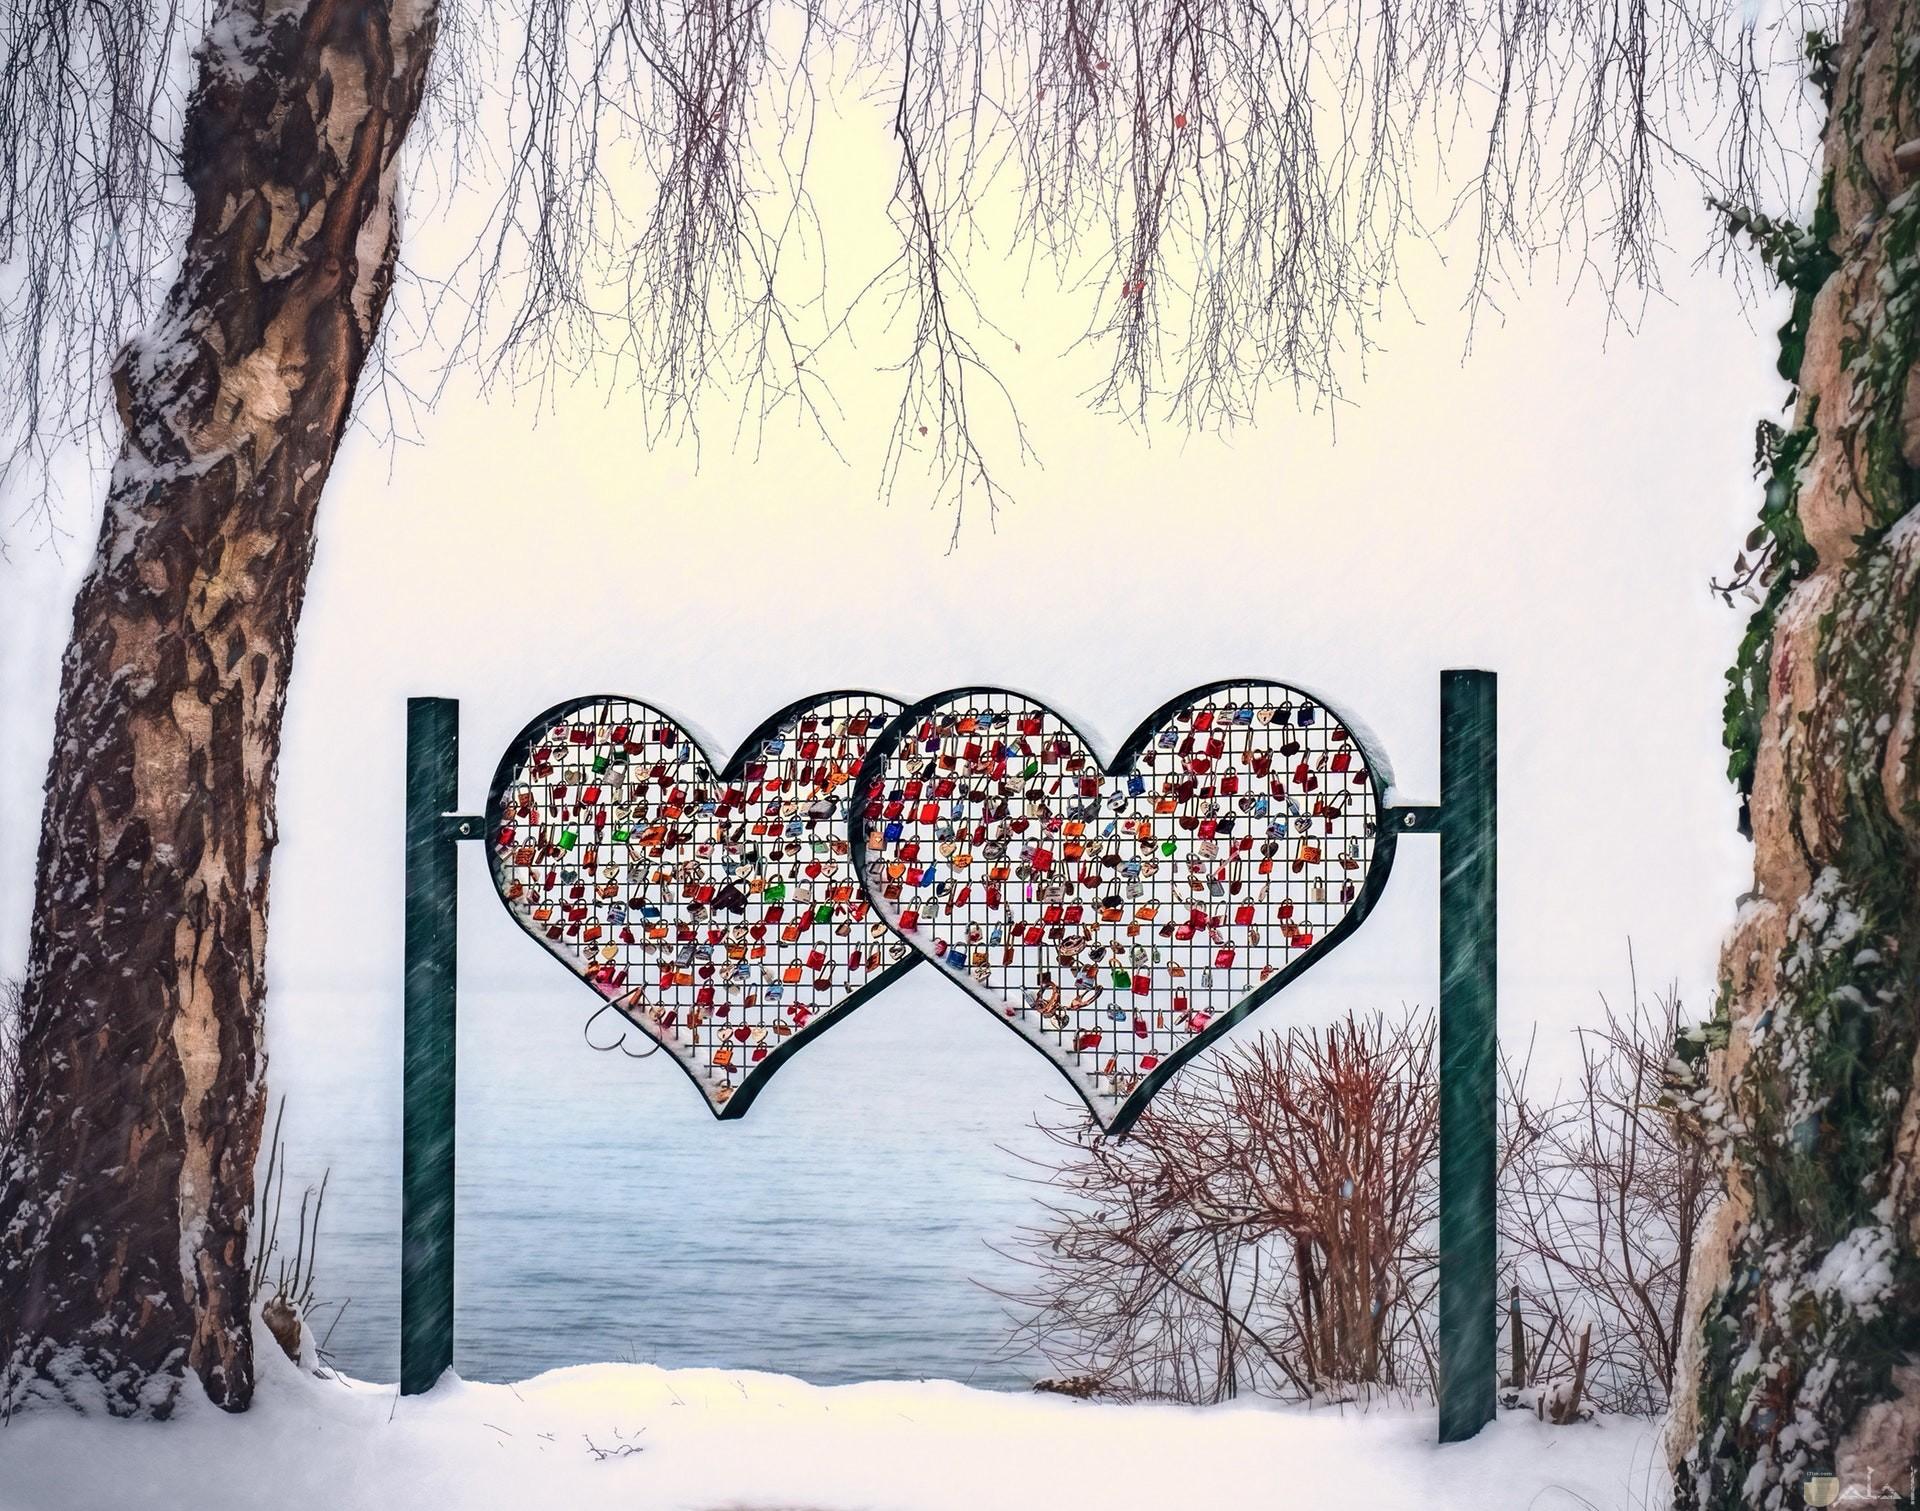 صورة حب ورومانسية جميلة لقلبين متحابين مع بعض